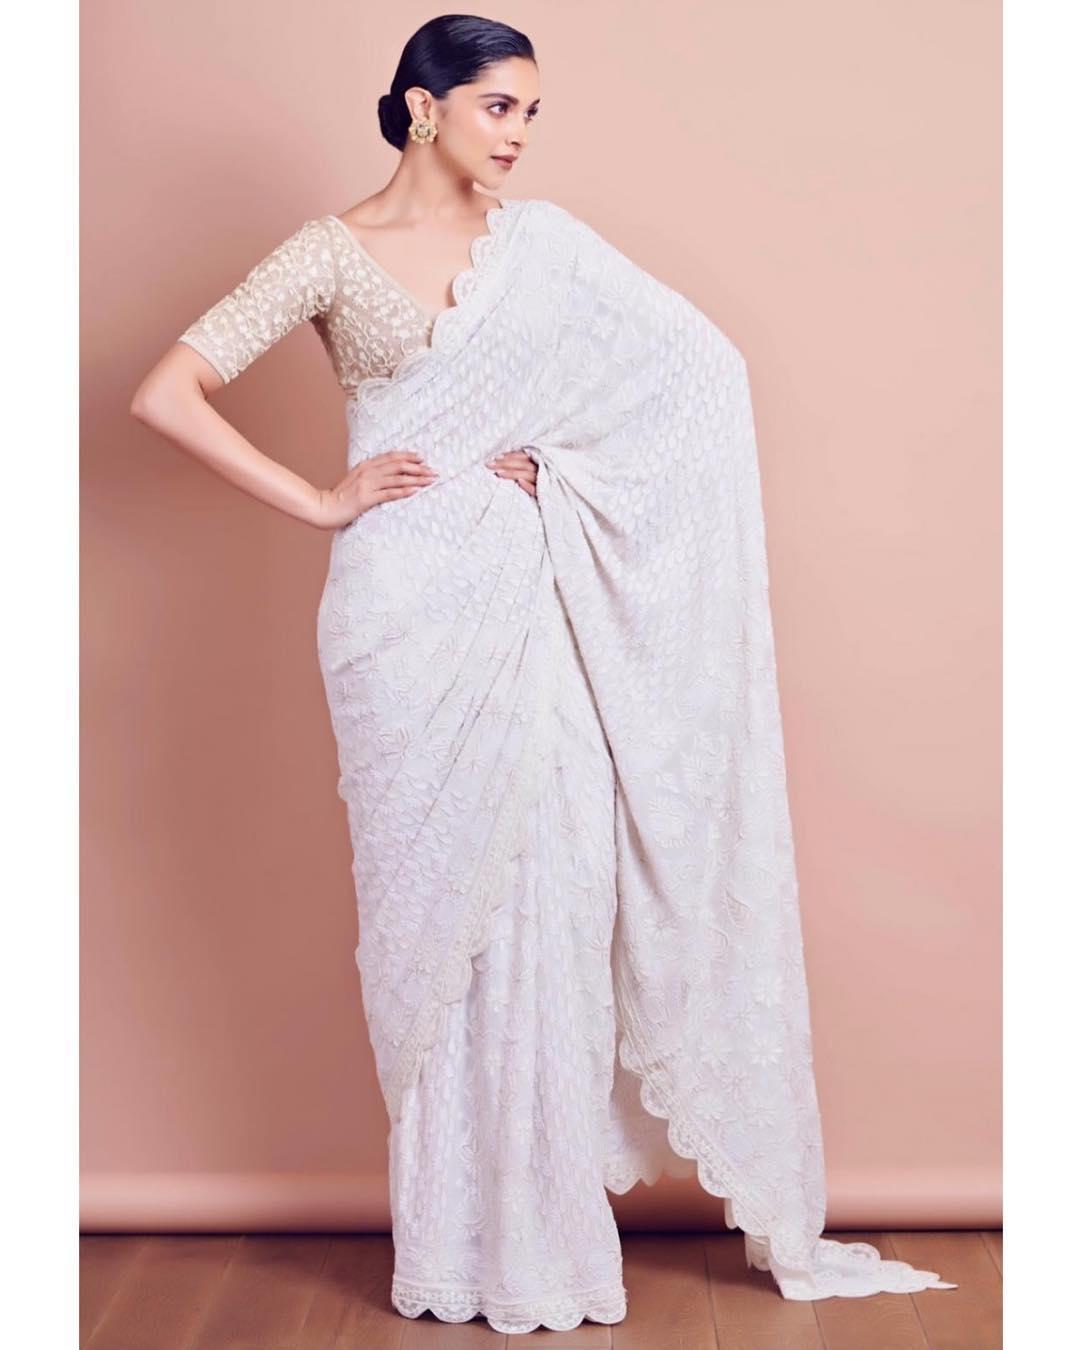 Deepika in saree 88434